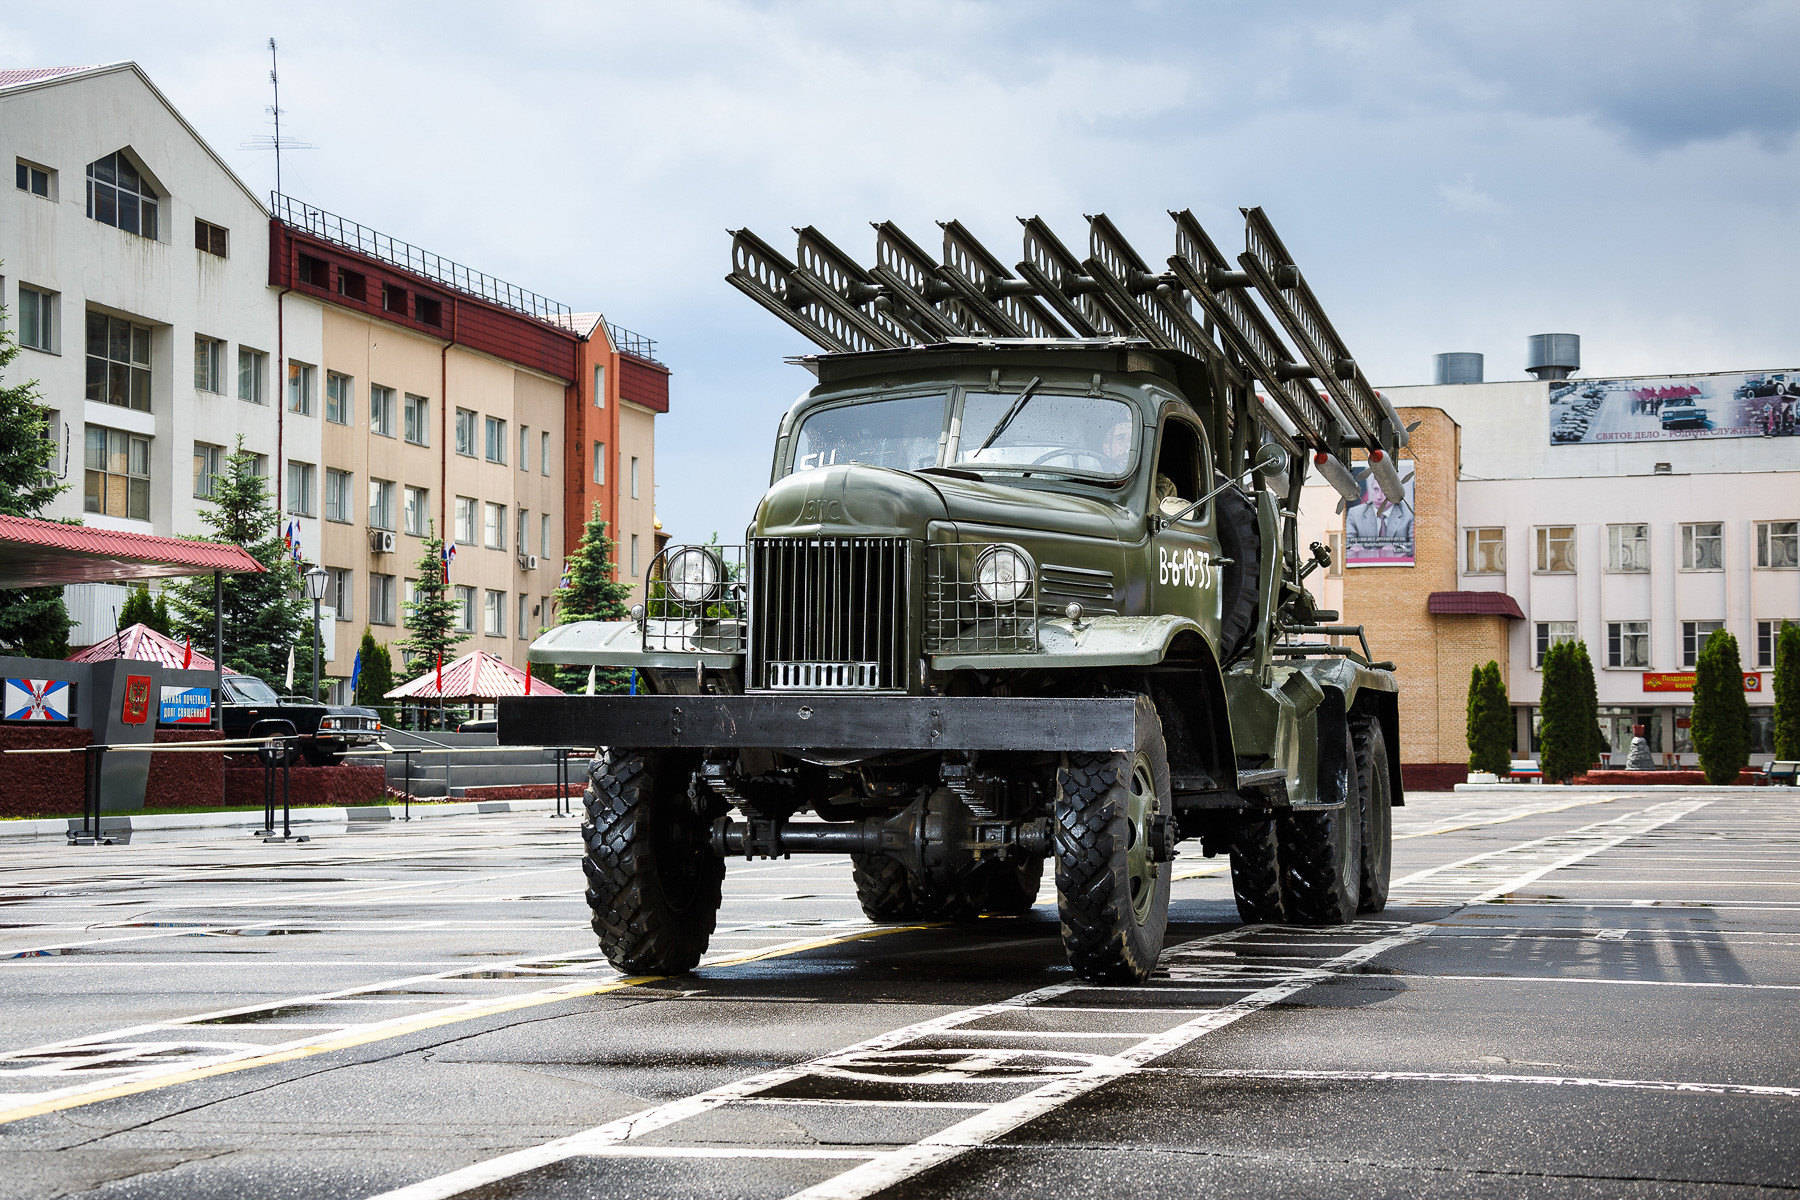 отличная, маркая фотографии военной техники катюша колокола исаакиевский